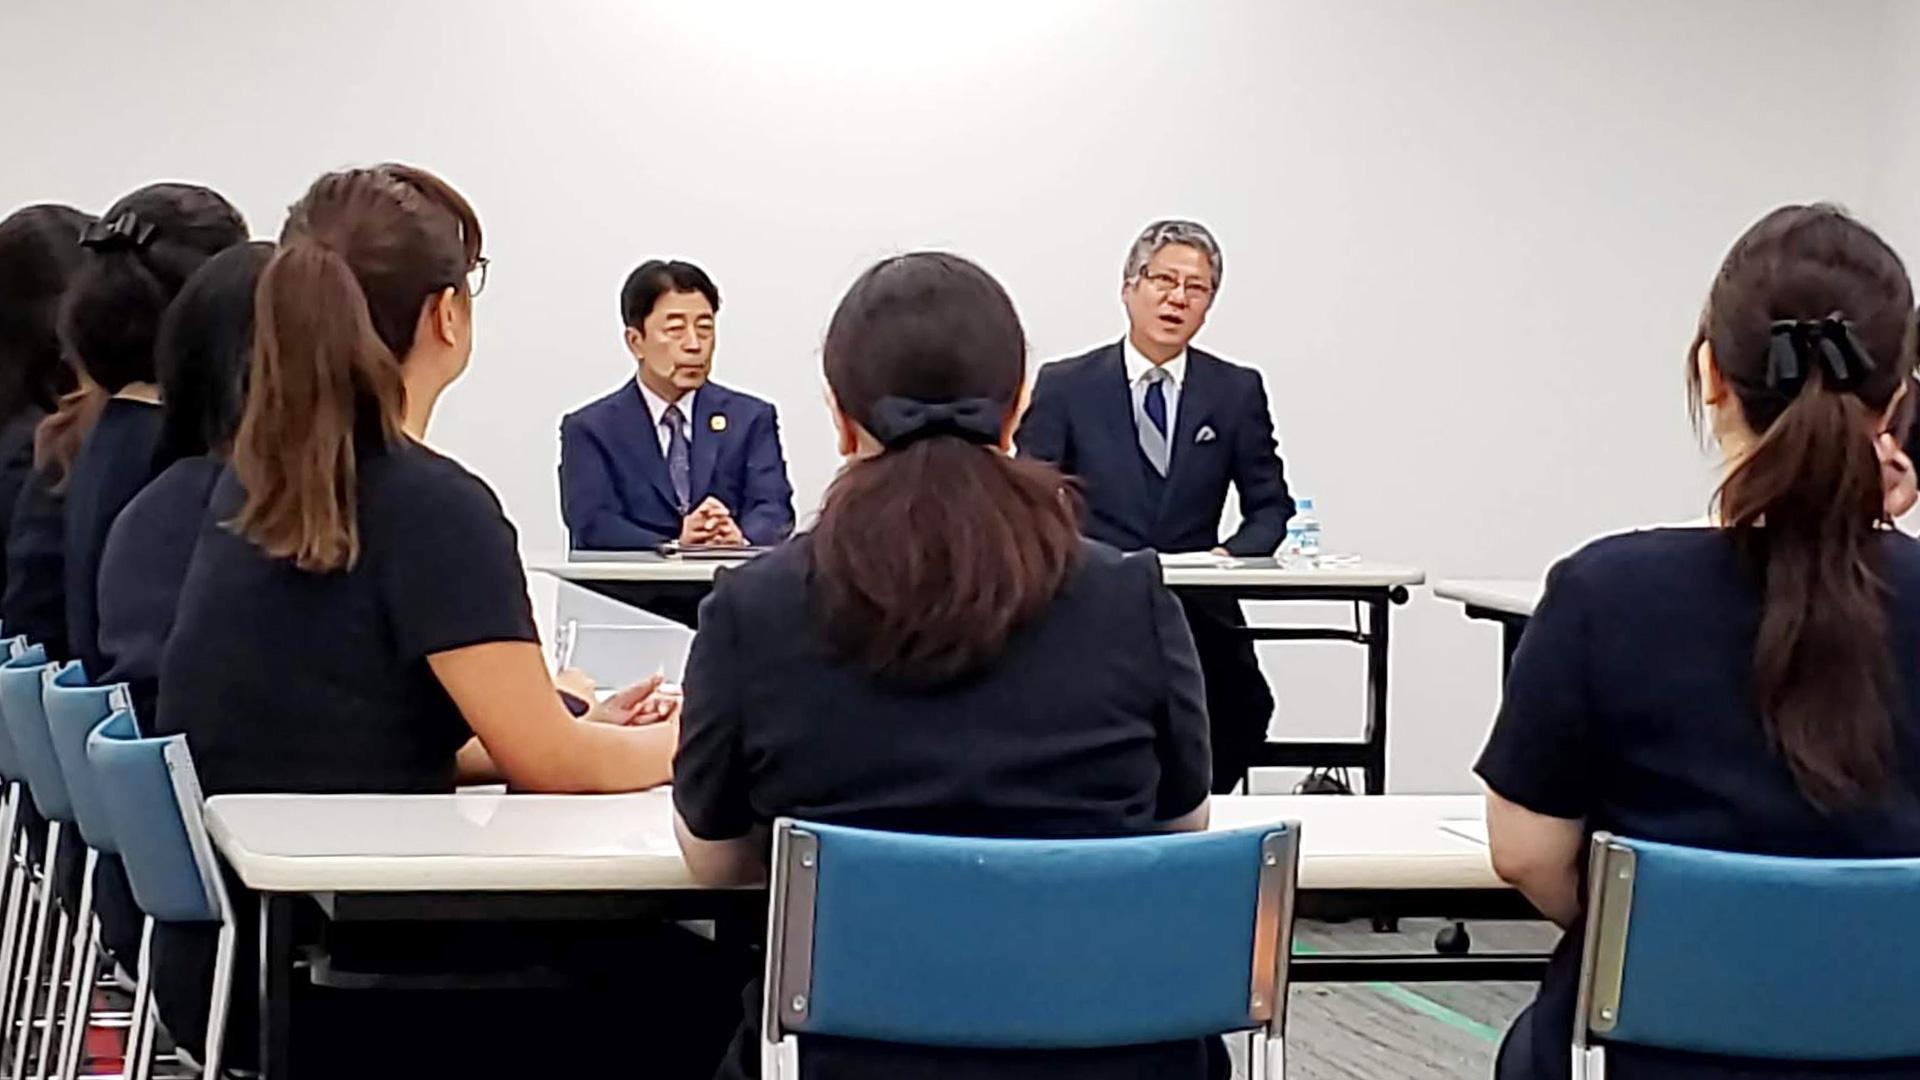 「椙山小合格を目指す保護者のための合格懇談会」の様子